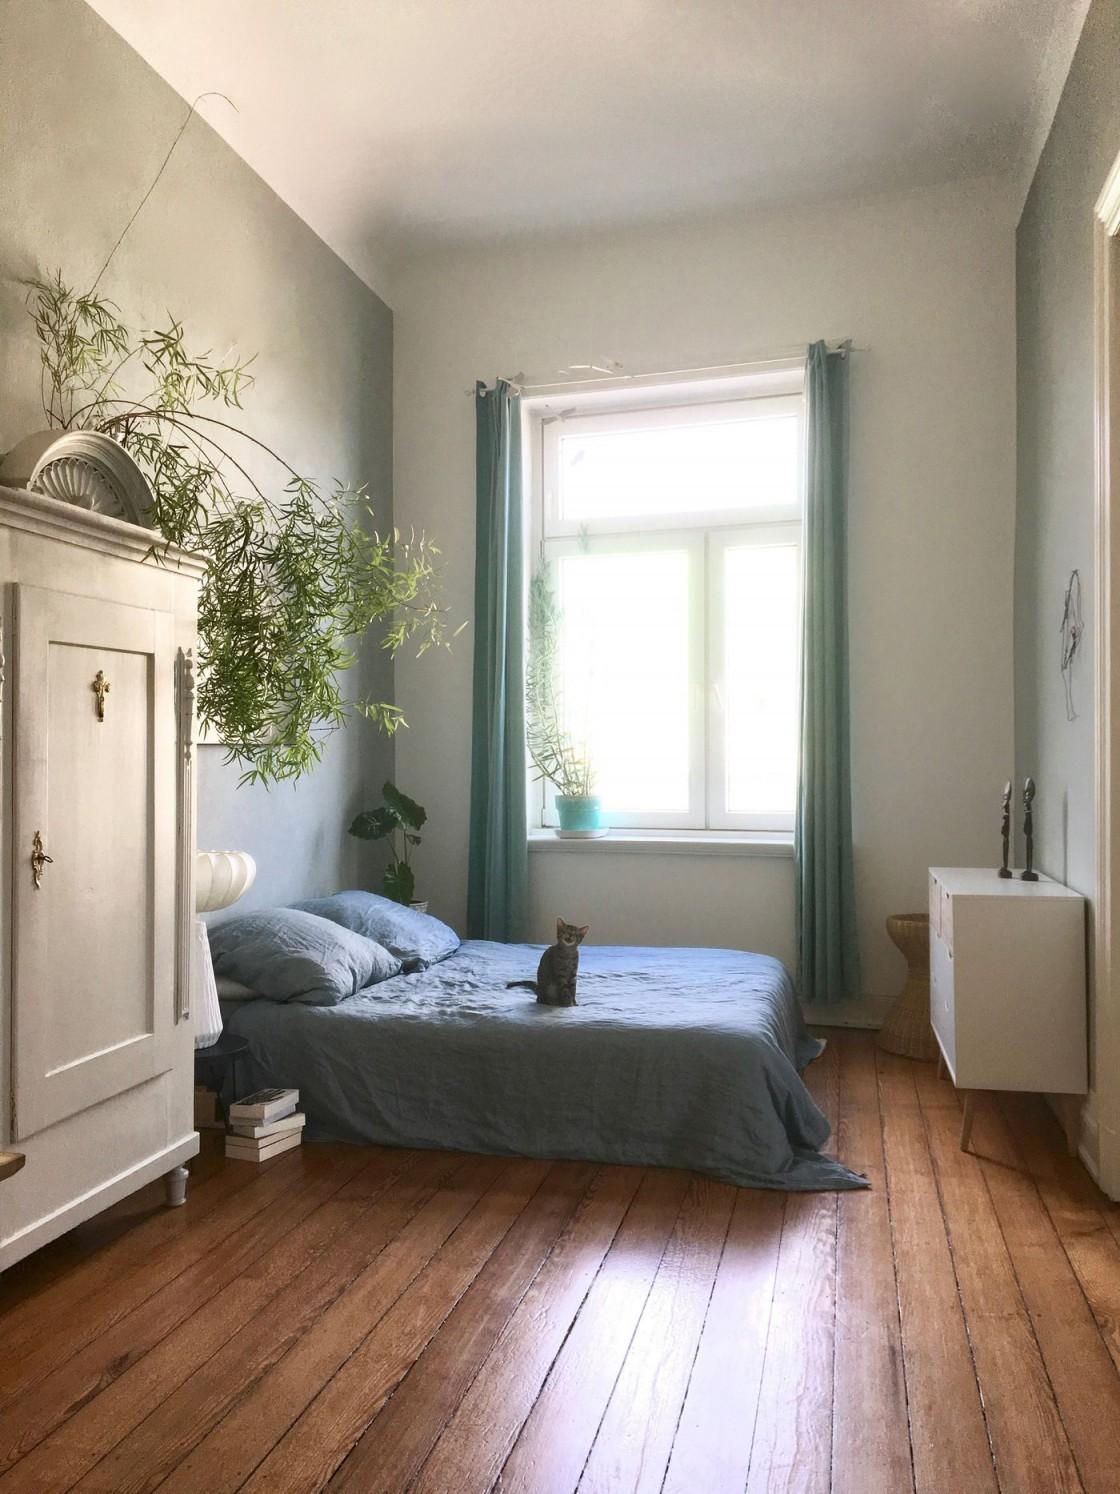 Die Schönsten Ideen Für Vorhänge  Gardinen von Schlafzimmer Vorhang Ideen Bild